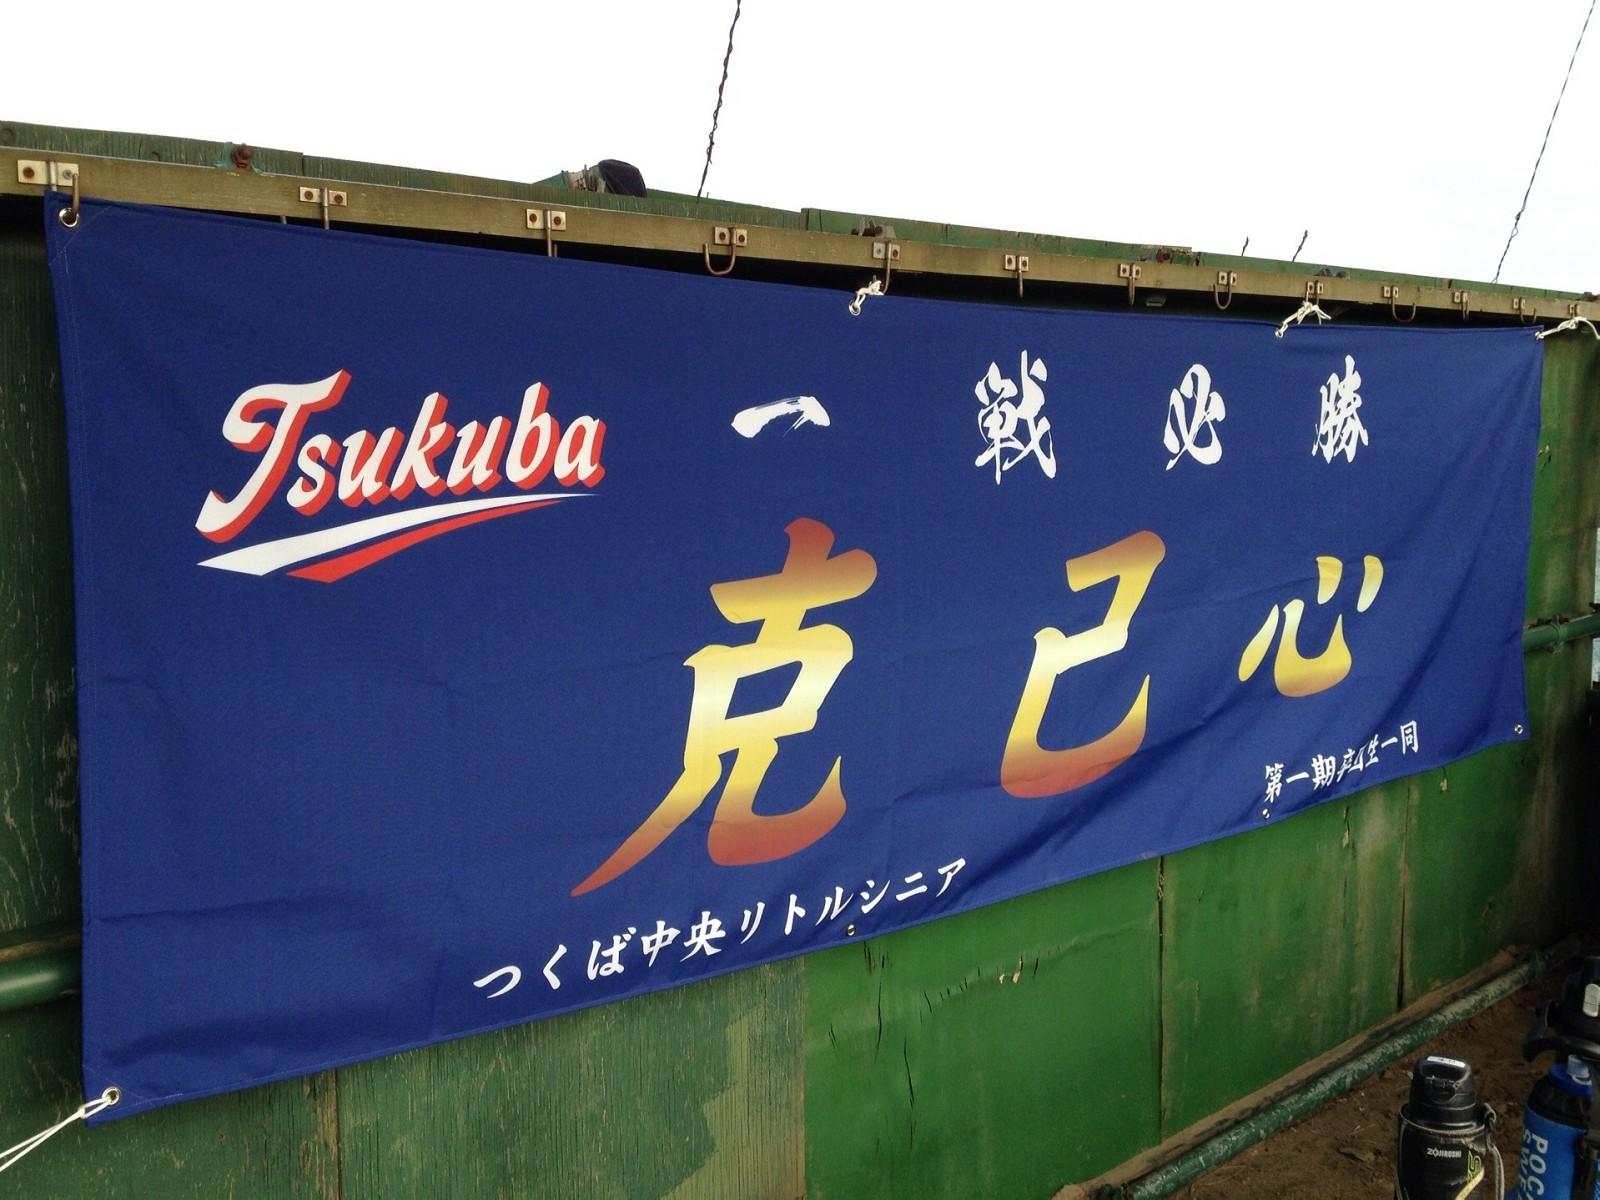 2014.02.23 横断幕(第一期生卒団記念品)